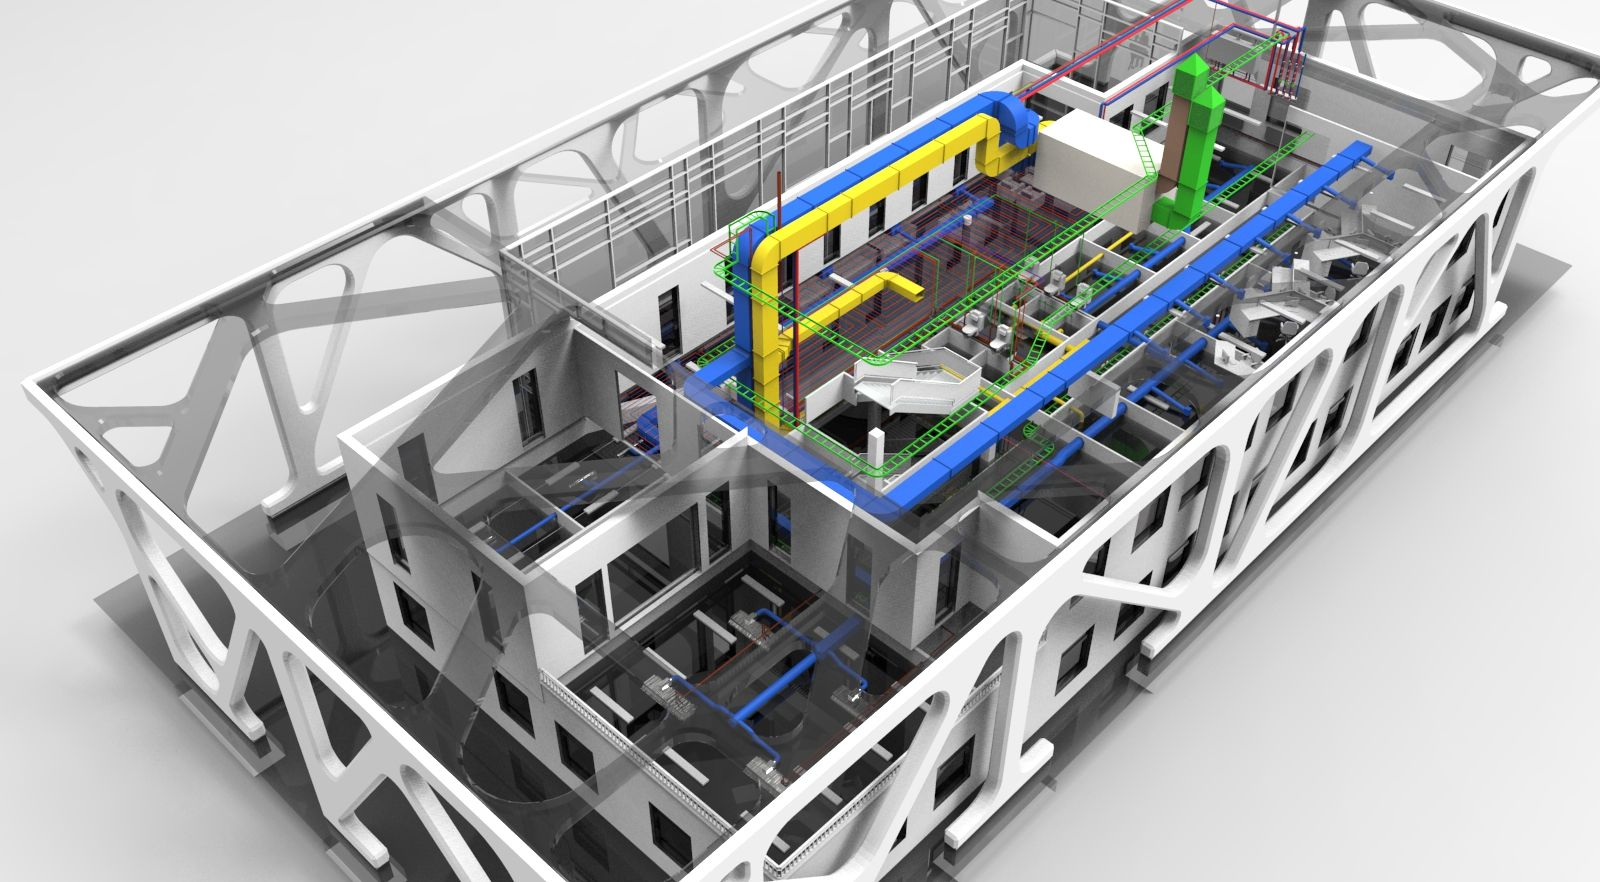 Digital Bauen und Planen mit Building Information Modeling (BIM)